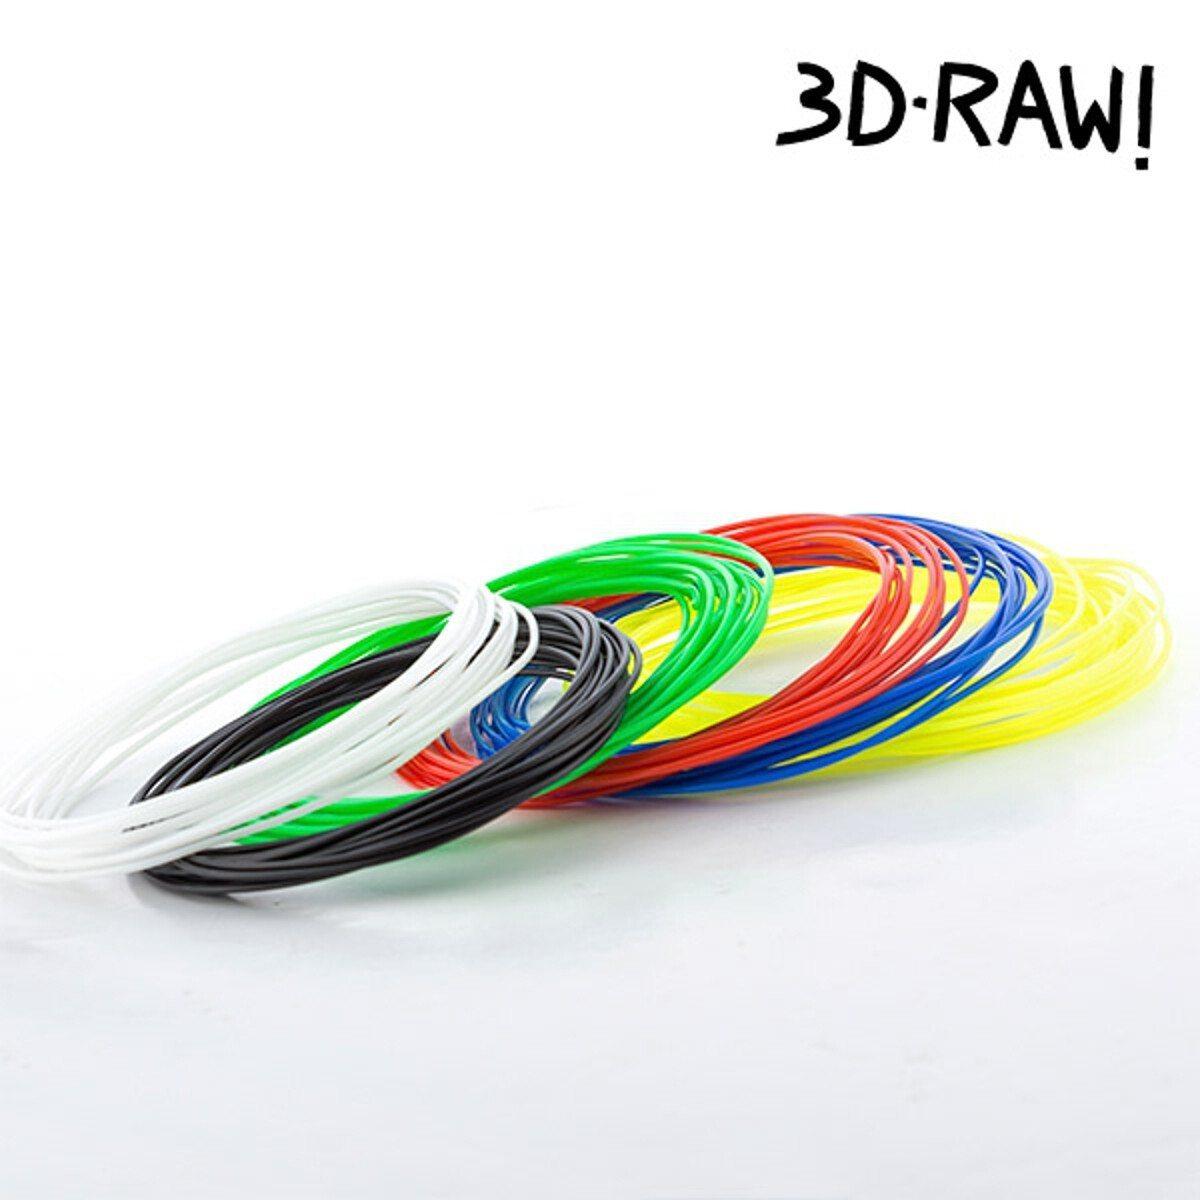 Magischer 3D-Stift - Beispiel